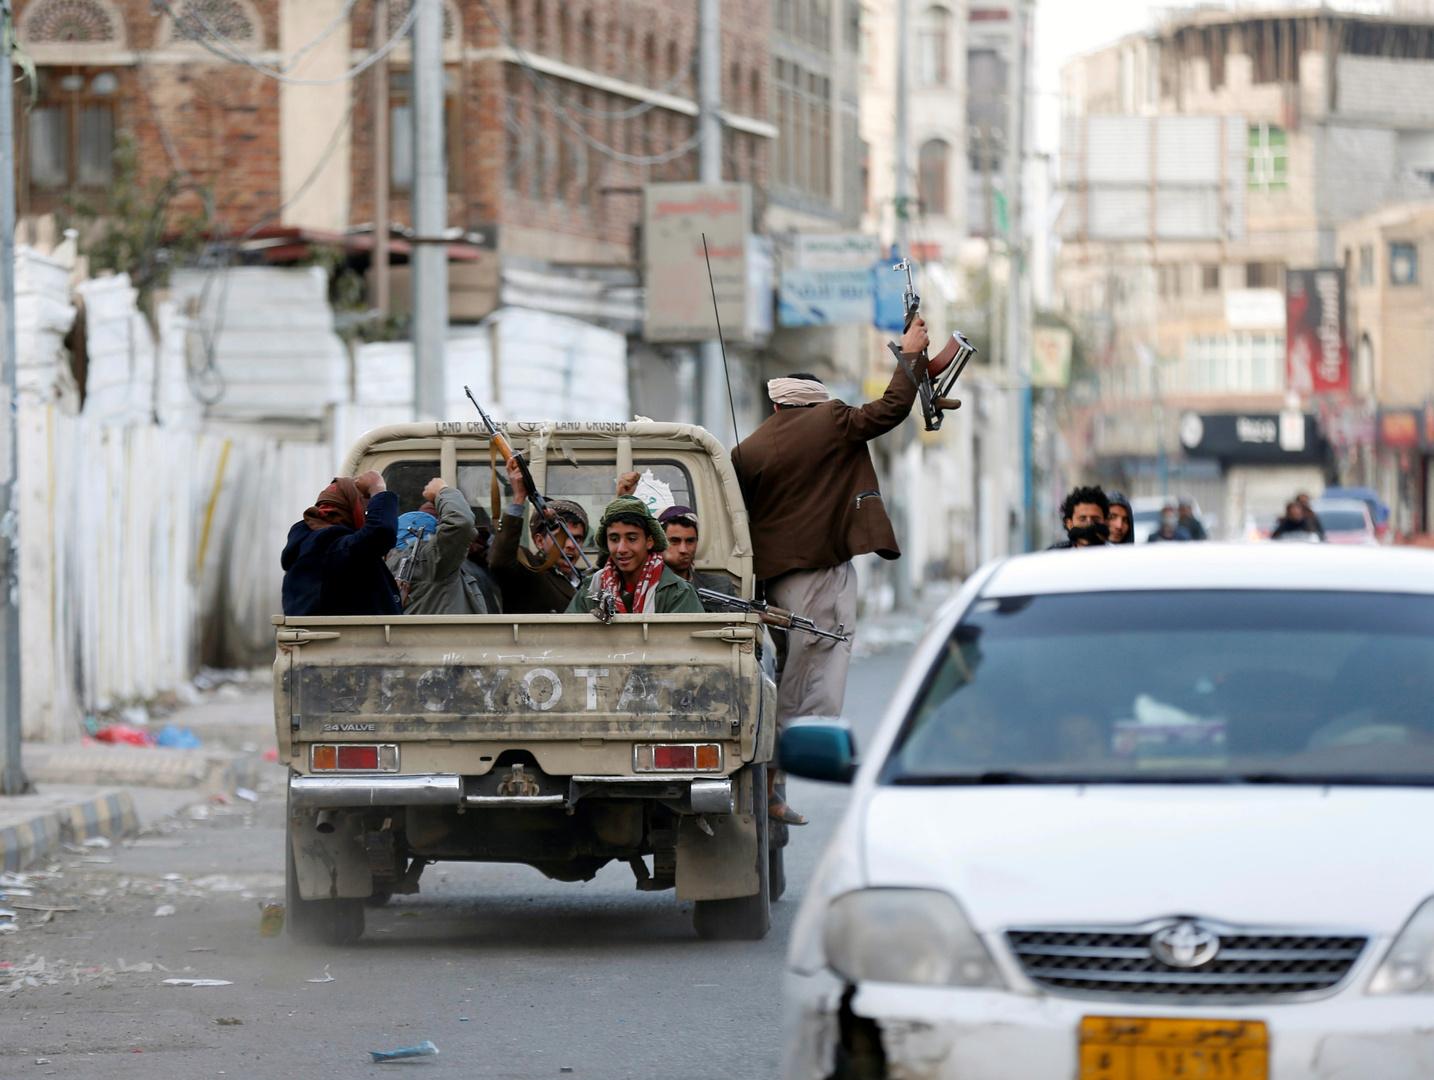 عناصر لحركة الحوثيين في صنعاء - صورة أرشيفية